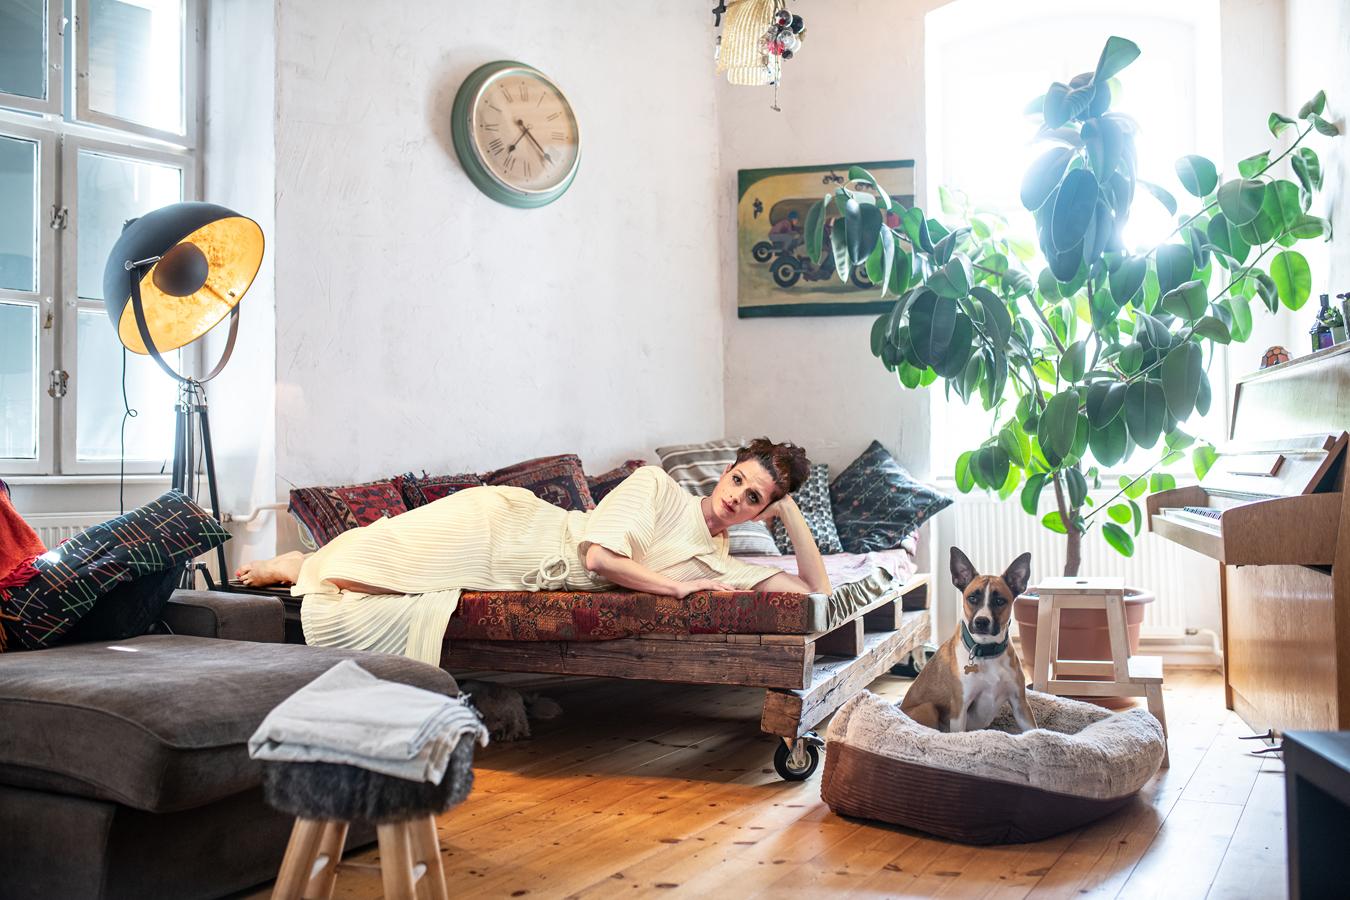 12. kép: JORDÁN ADÉL Octavia — Poppea megkoronázása Fotó: Neményi Márton  Előadáskép: Horváth Judit